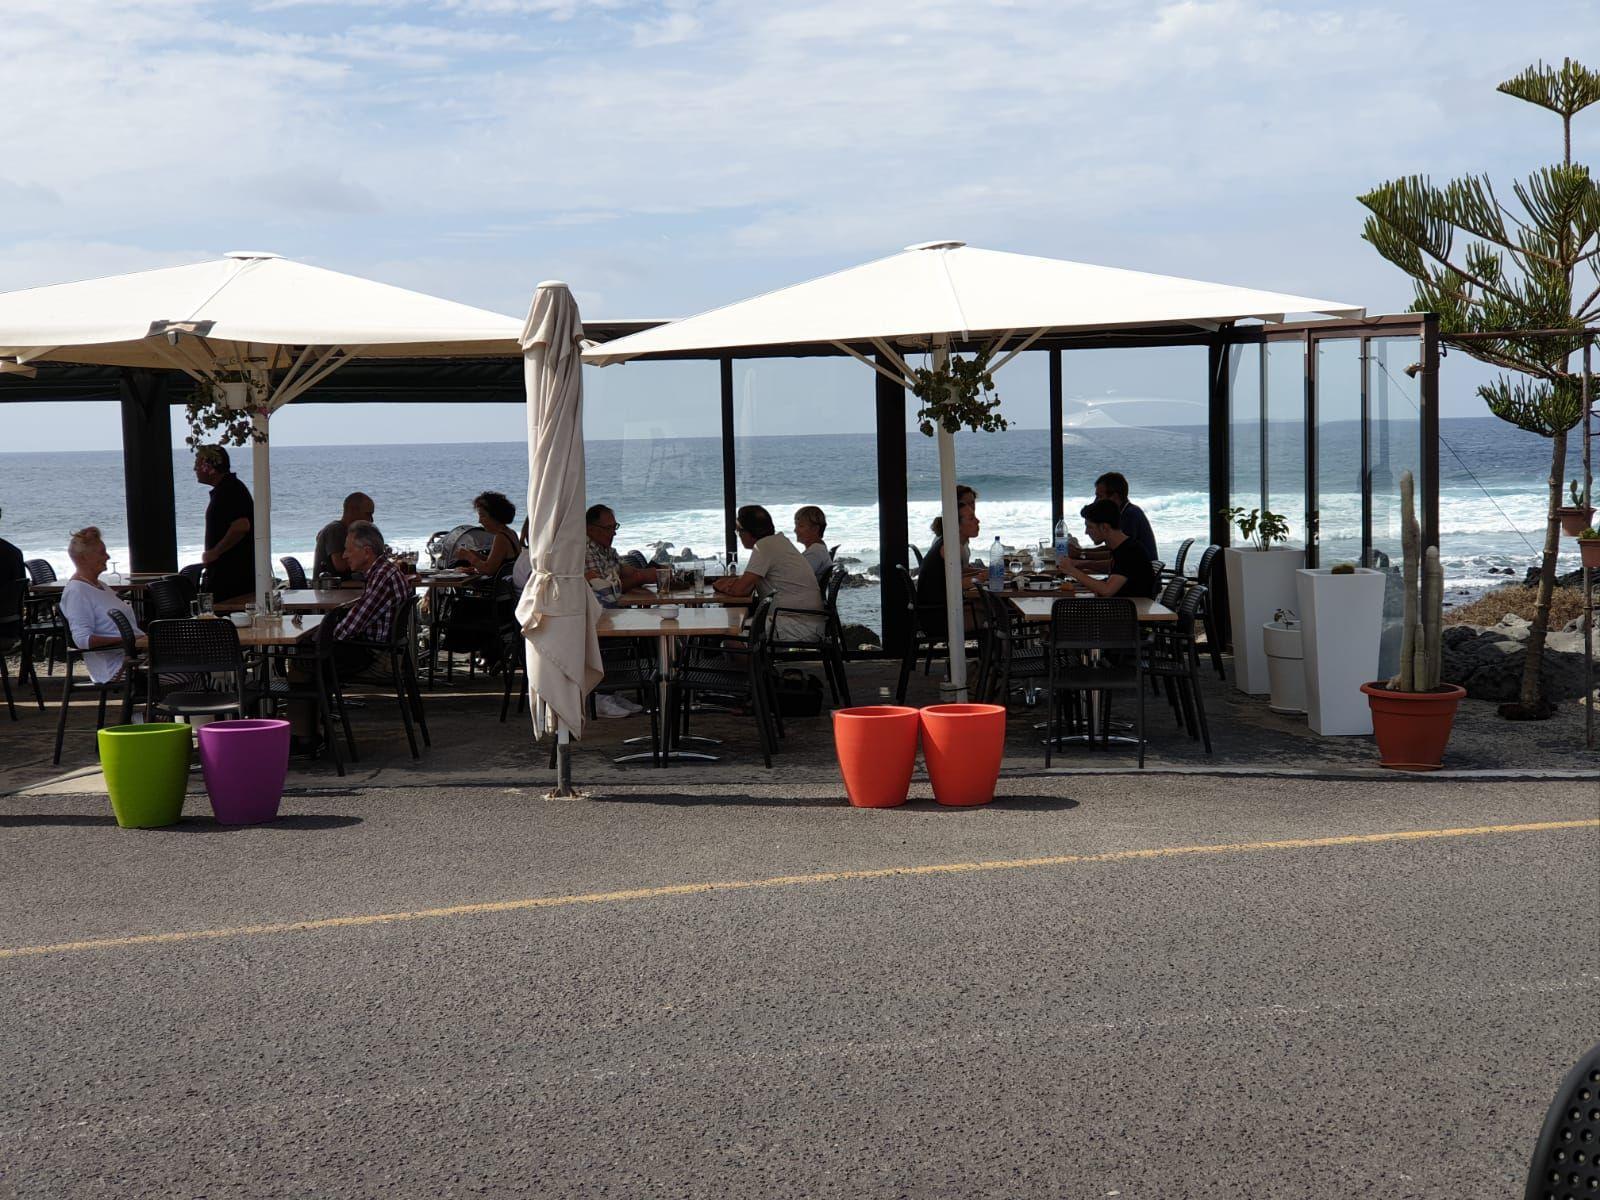 Restaurante con pescado fresco en El Golfo Yaiza